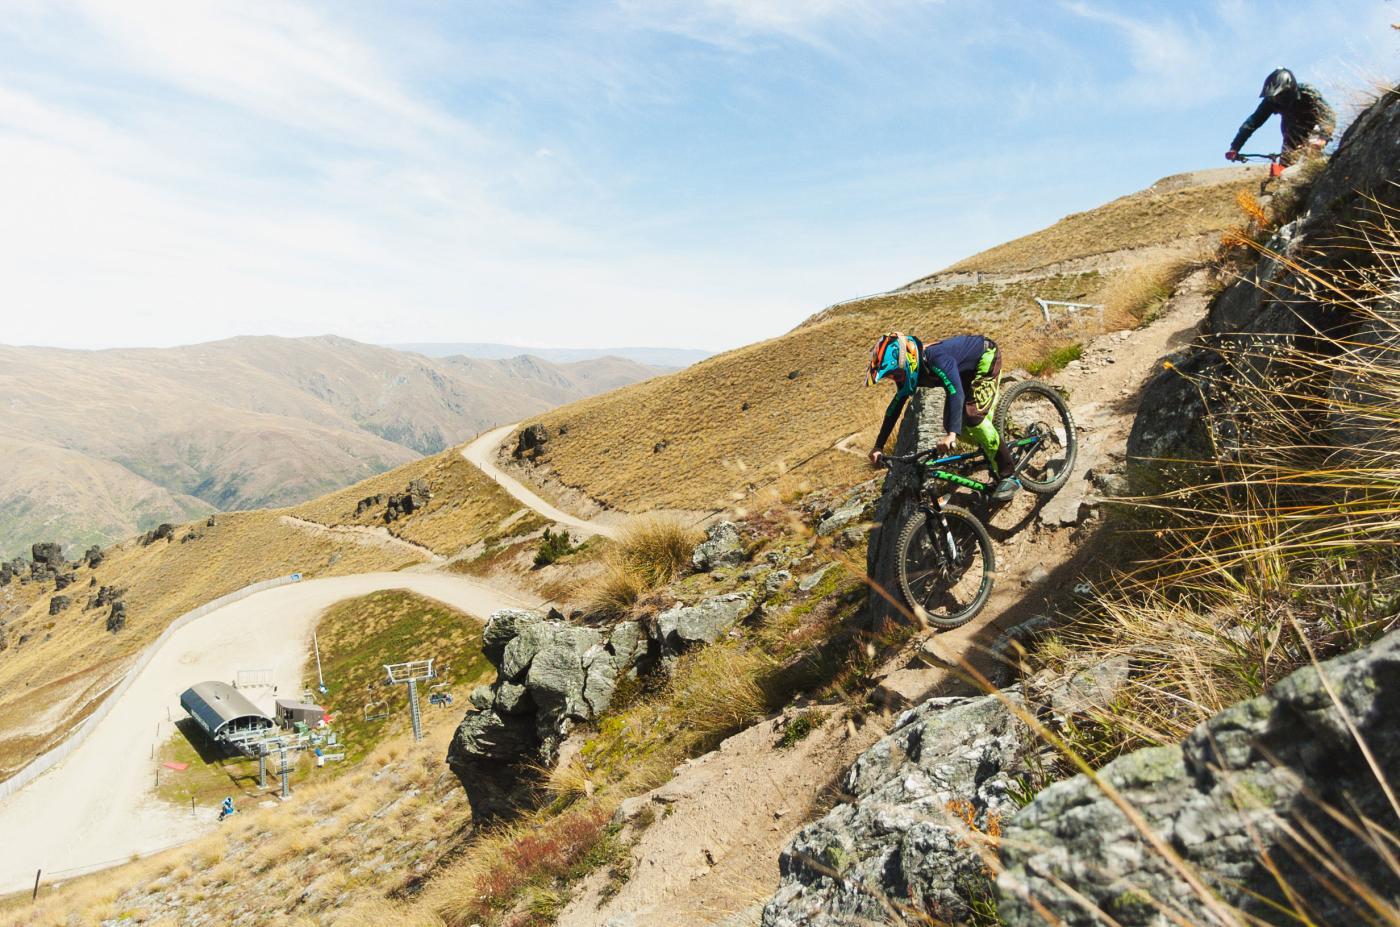 Downhill Mountain Biking at Cardrona in Summer